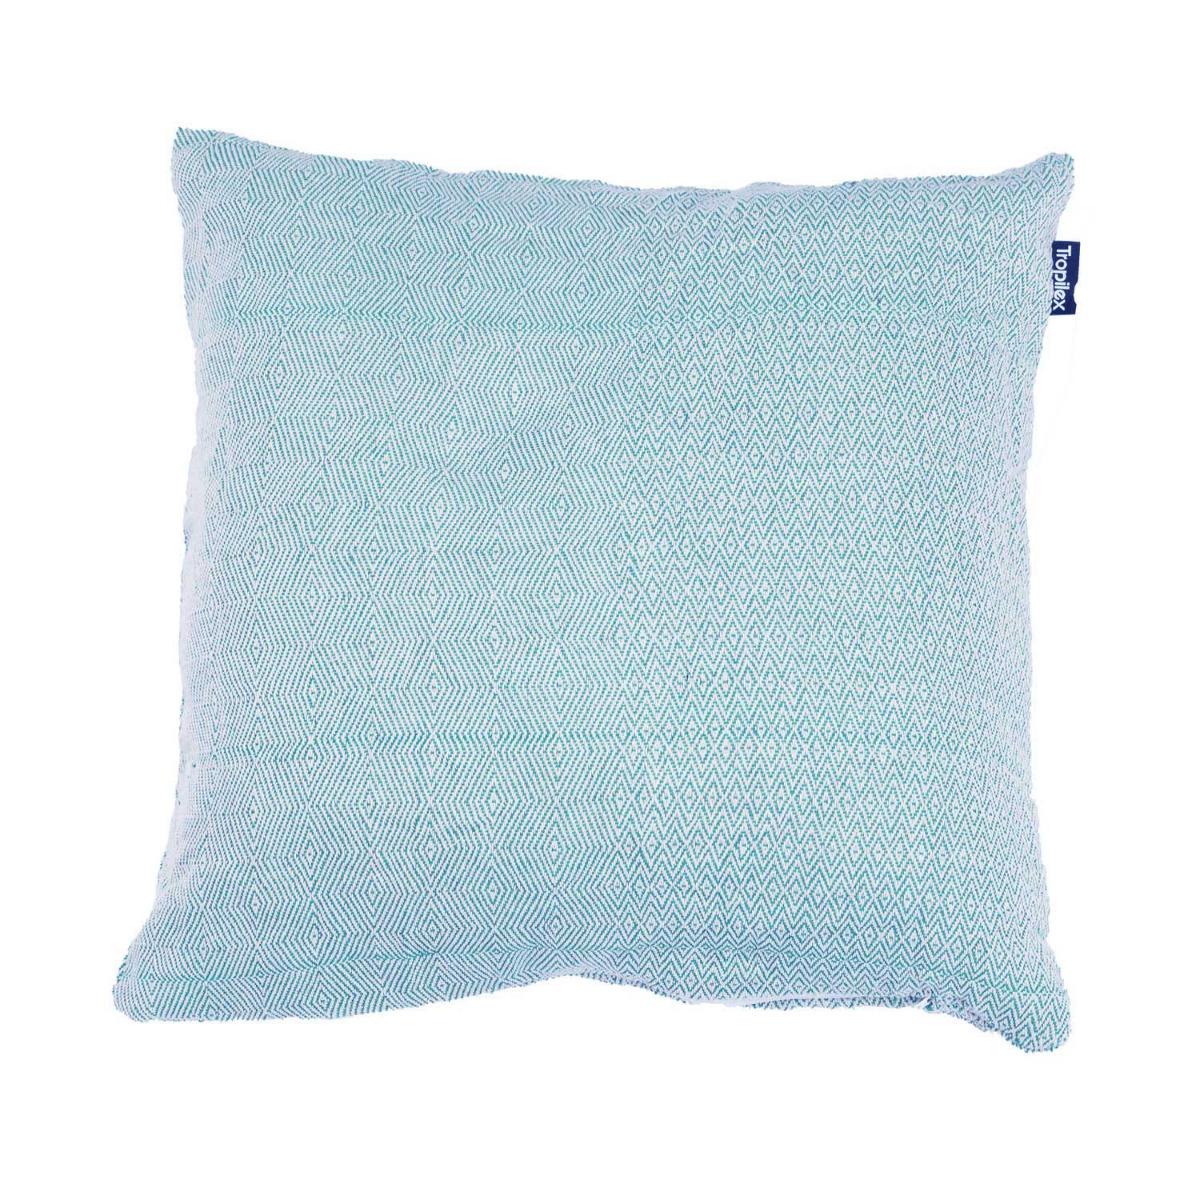 Kussen 'Natural' Blue - Blauw - Tropilex �